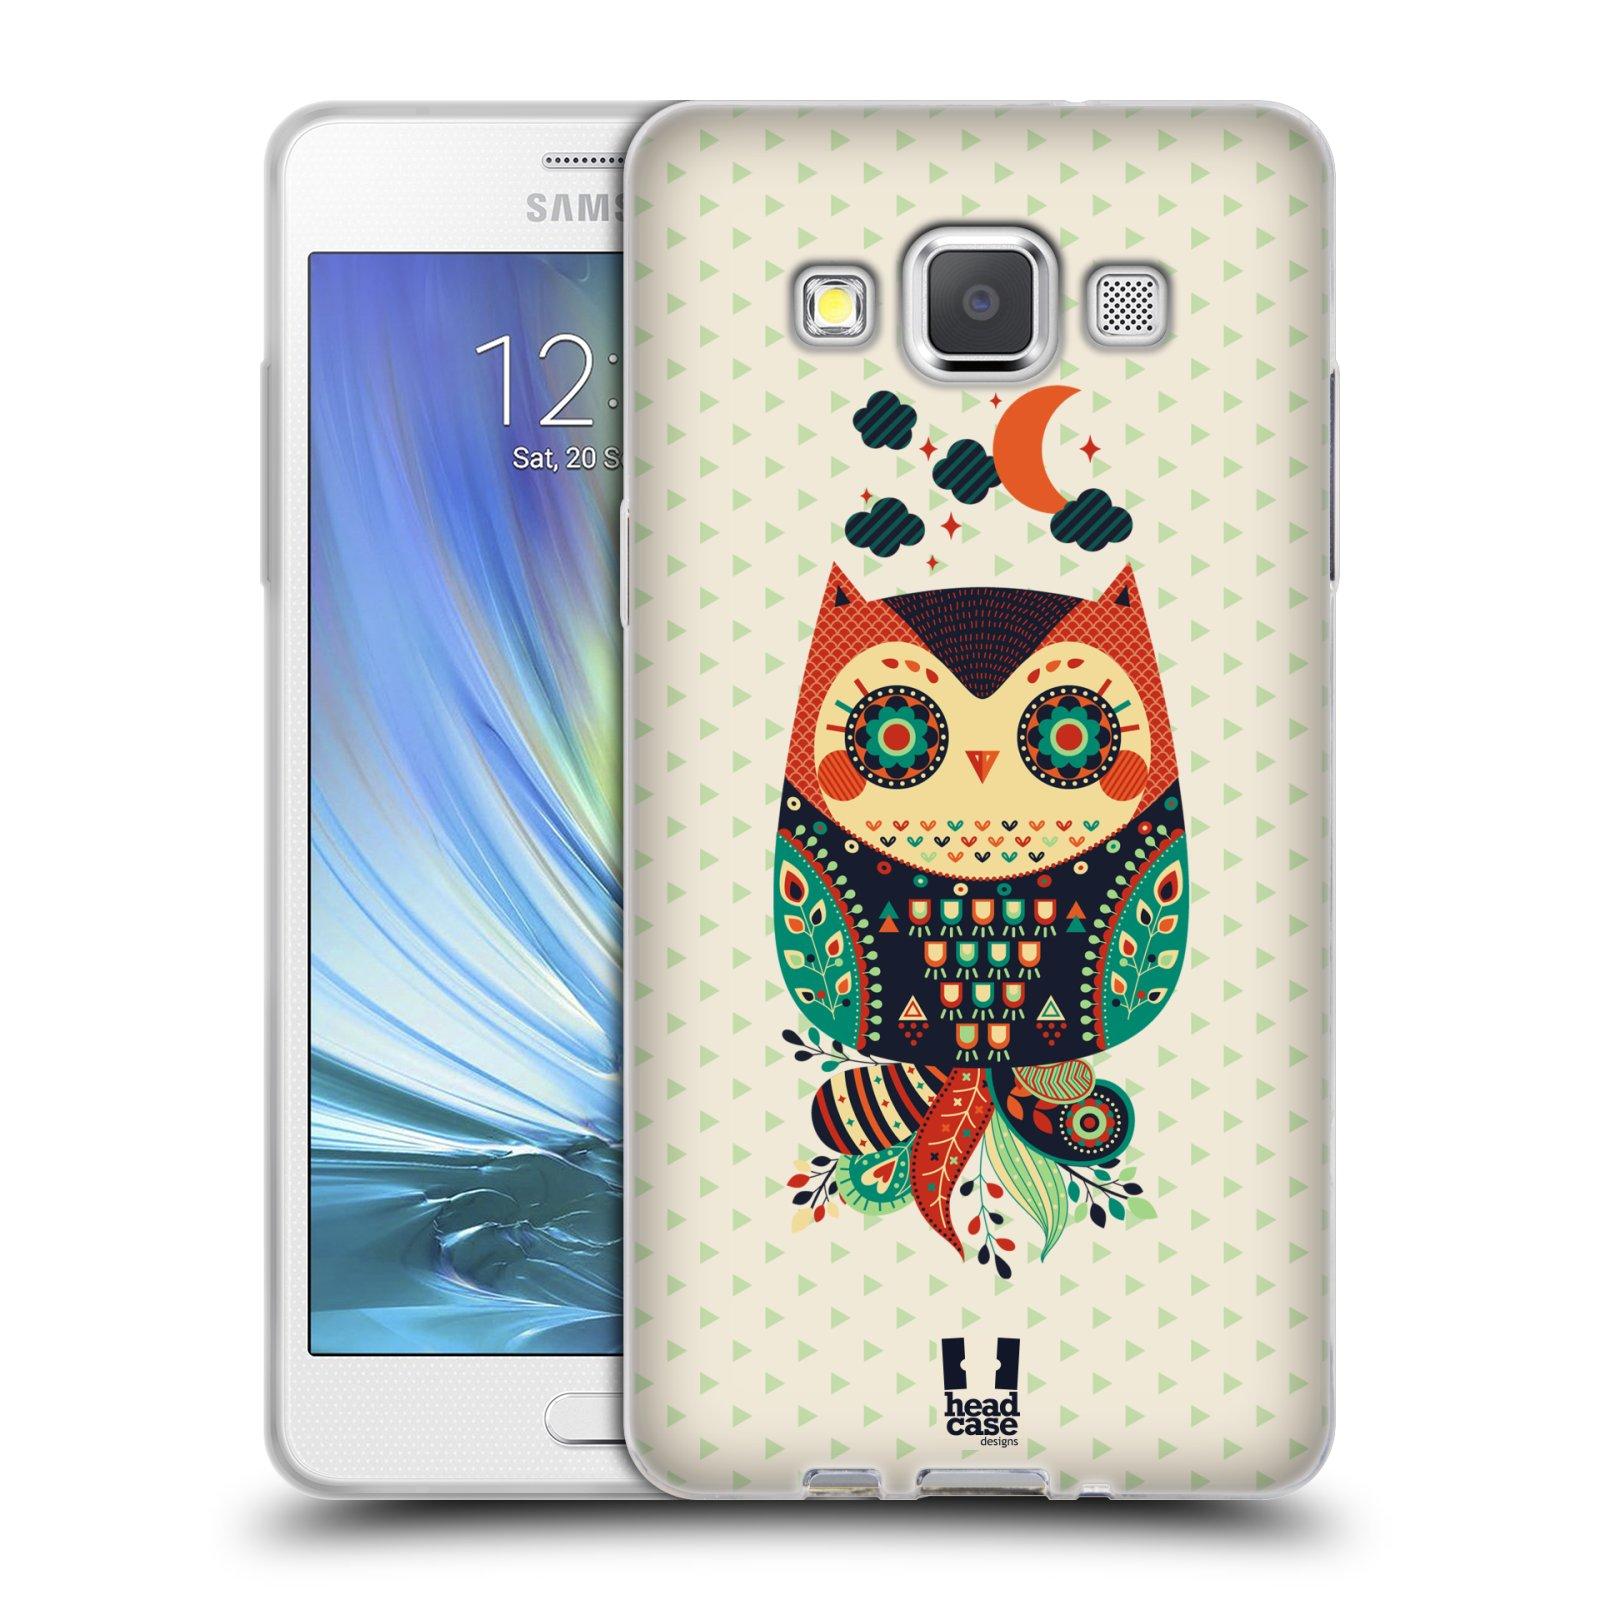 HEAD CASE silikonový obal na mobil Samsung Galaxy A5 vzor Stmívání sovička oranžová a zelená